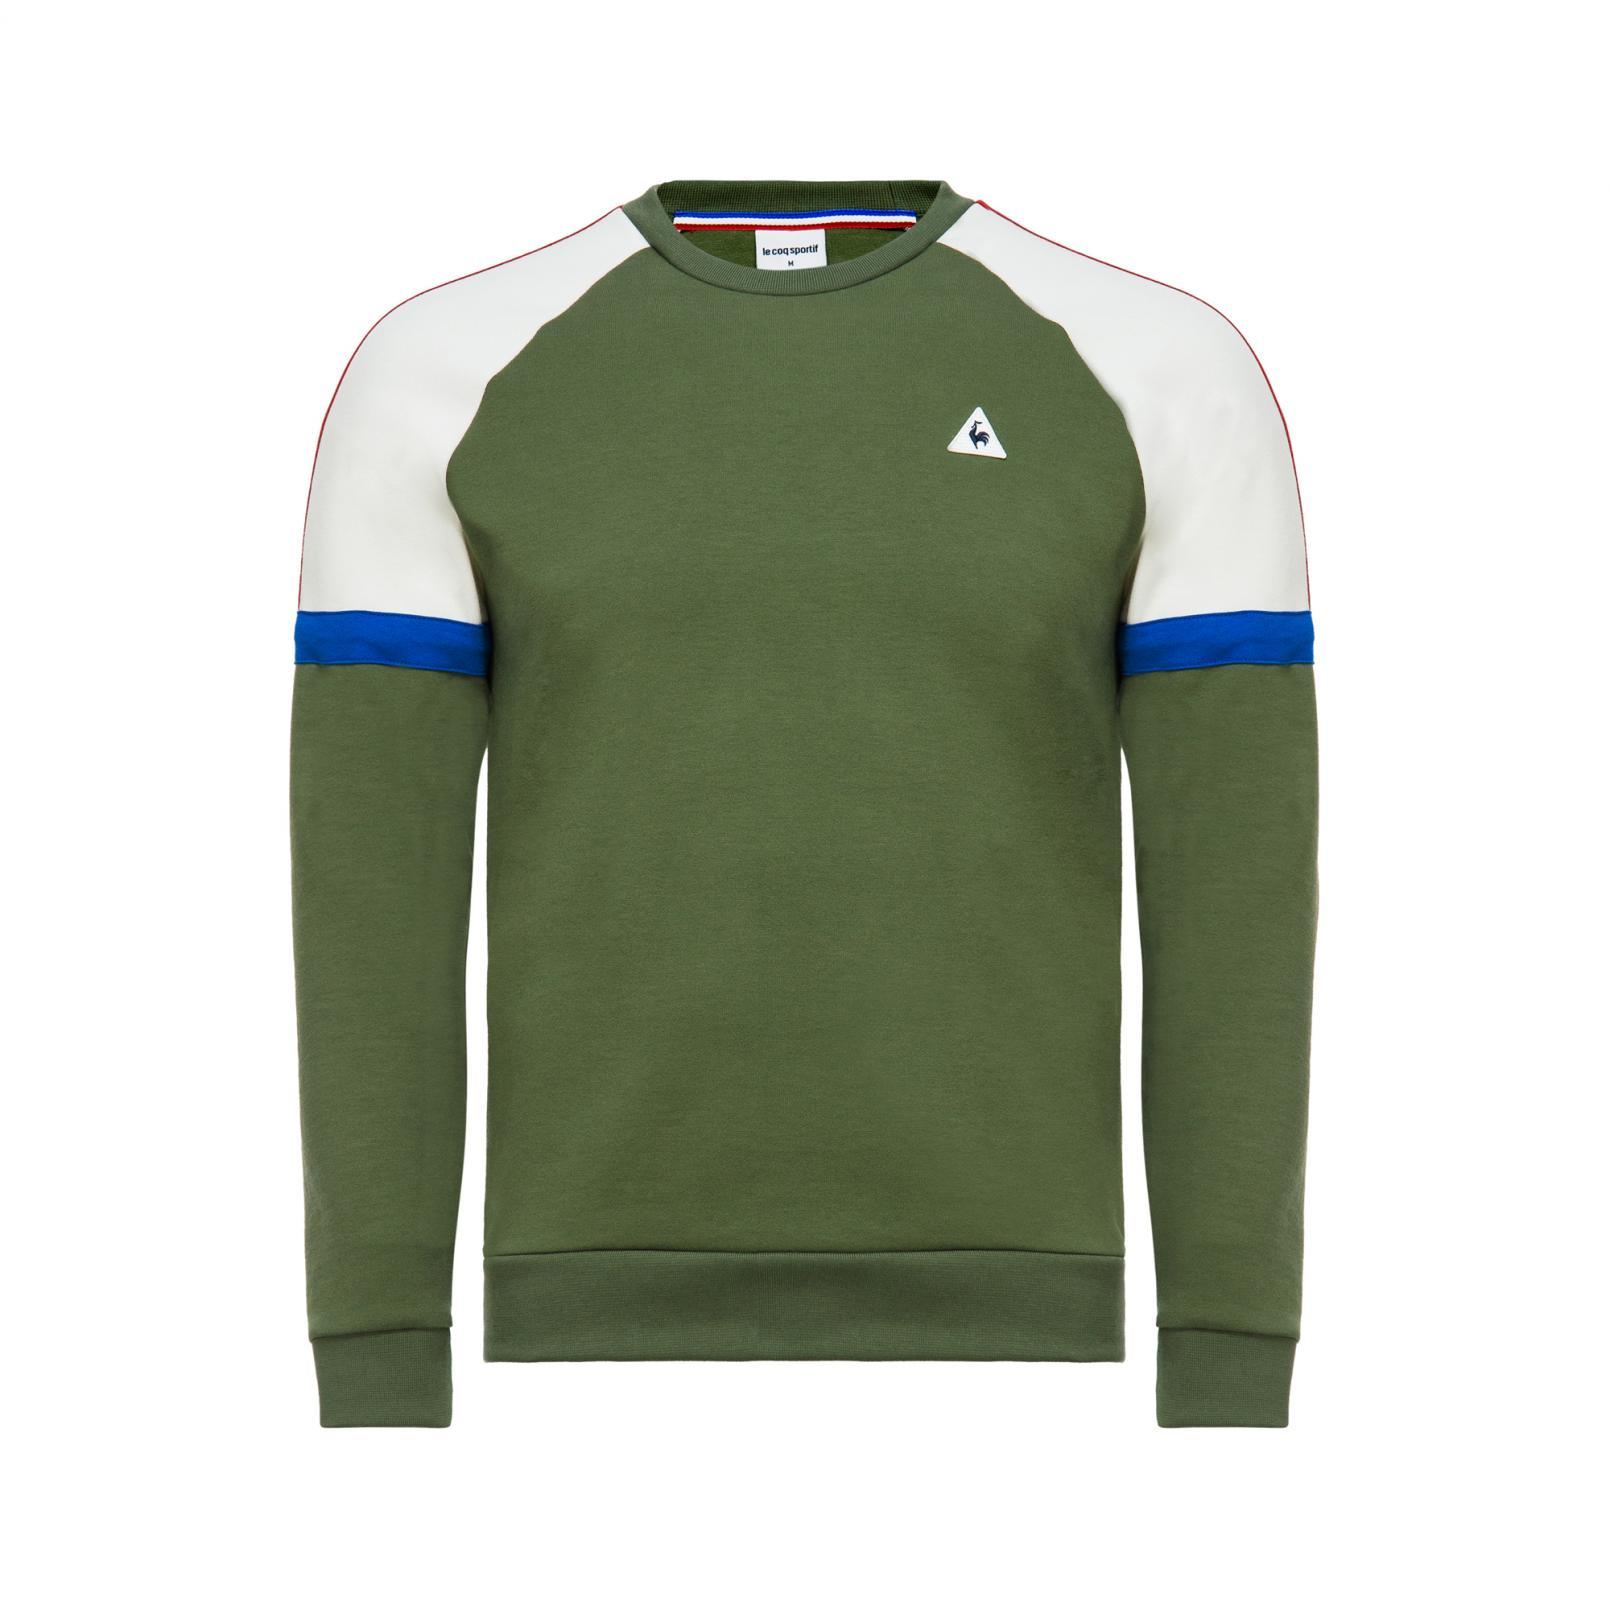 Sweat tops – Le Coq Sportif Tricolore Crew Sweat Green